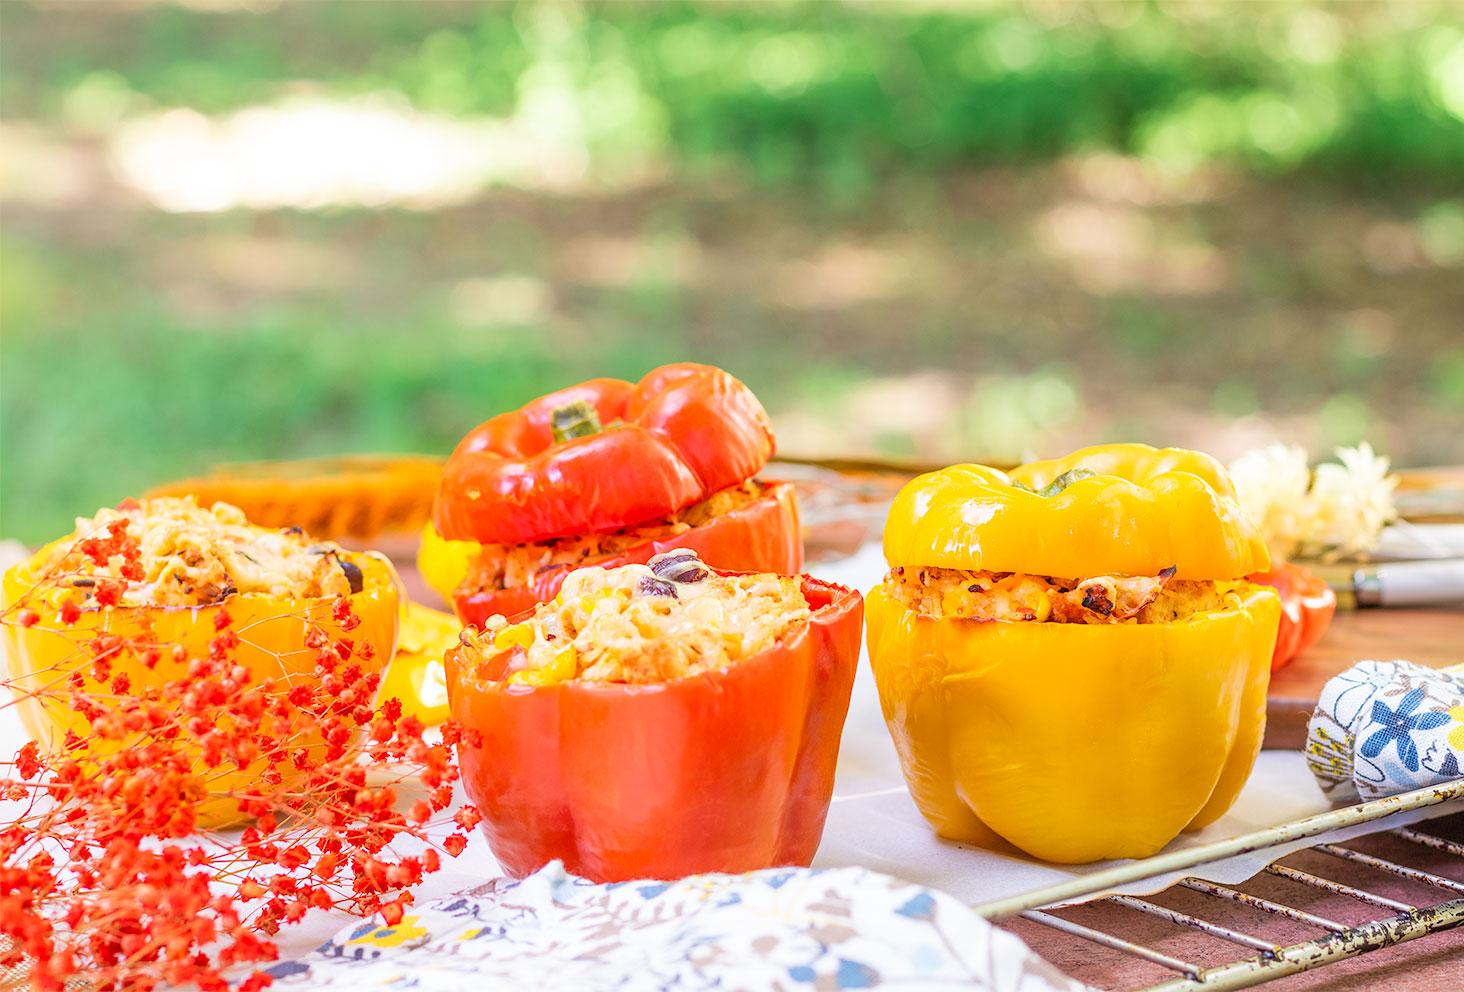 Zoom sur des poivrons jaunes et rouges farcis, avec ou sans leurs chapeaux, sur une grille de four posée dehors sur une table